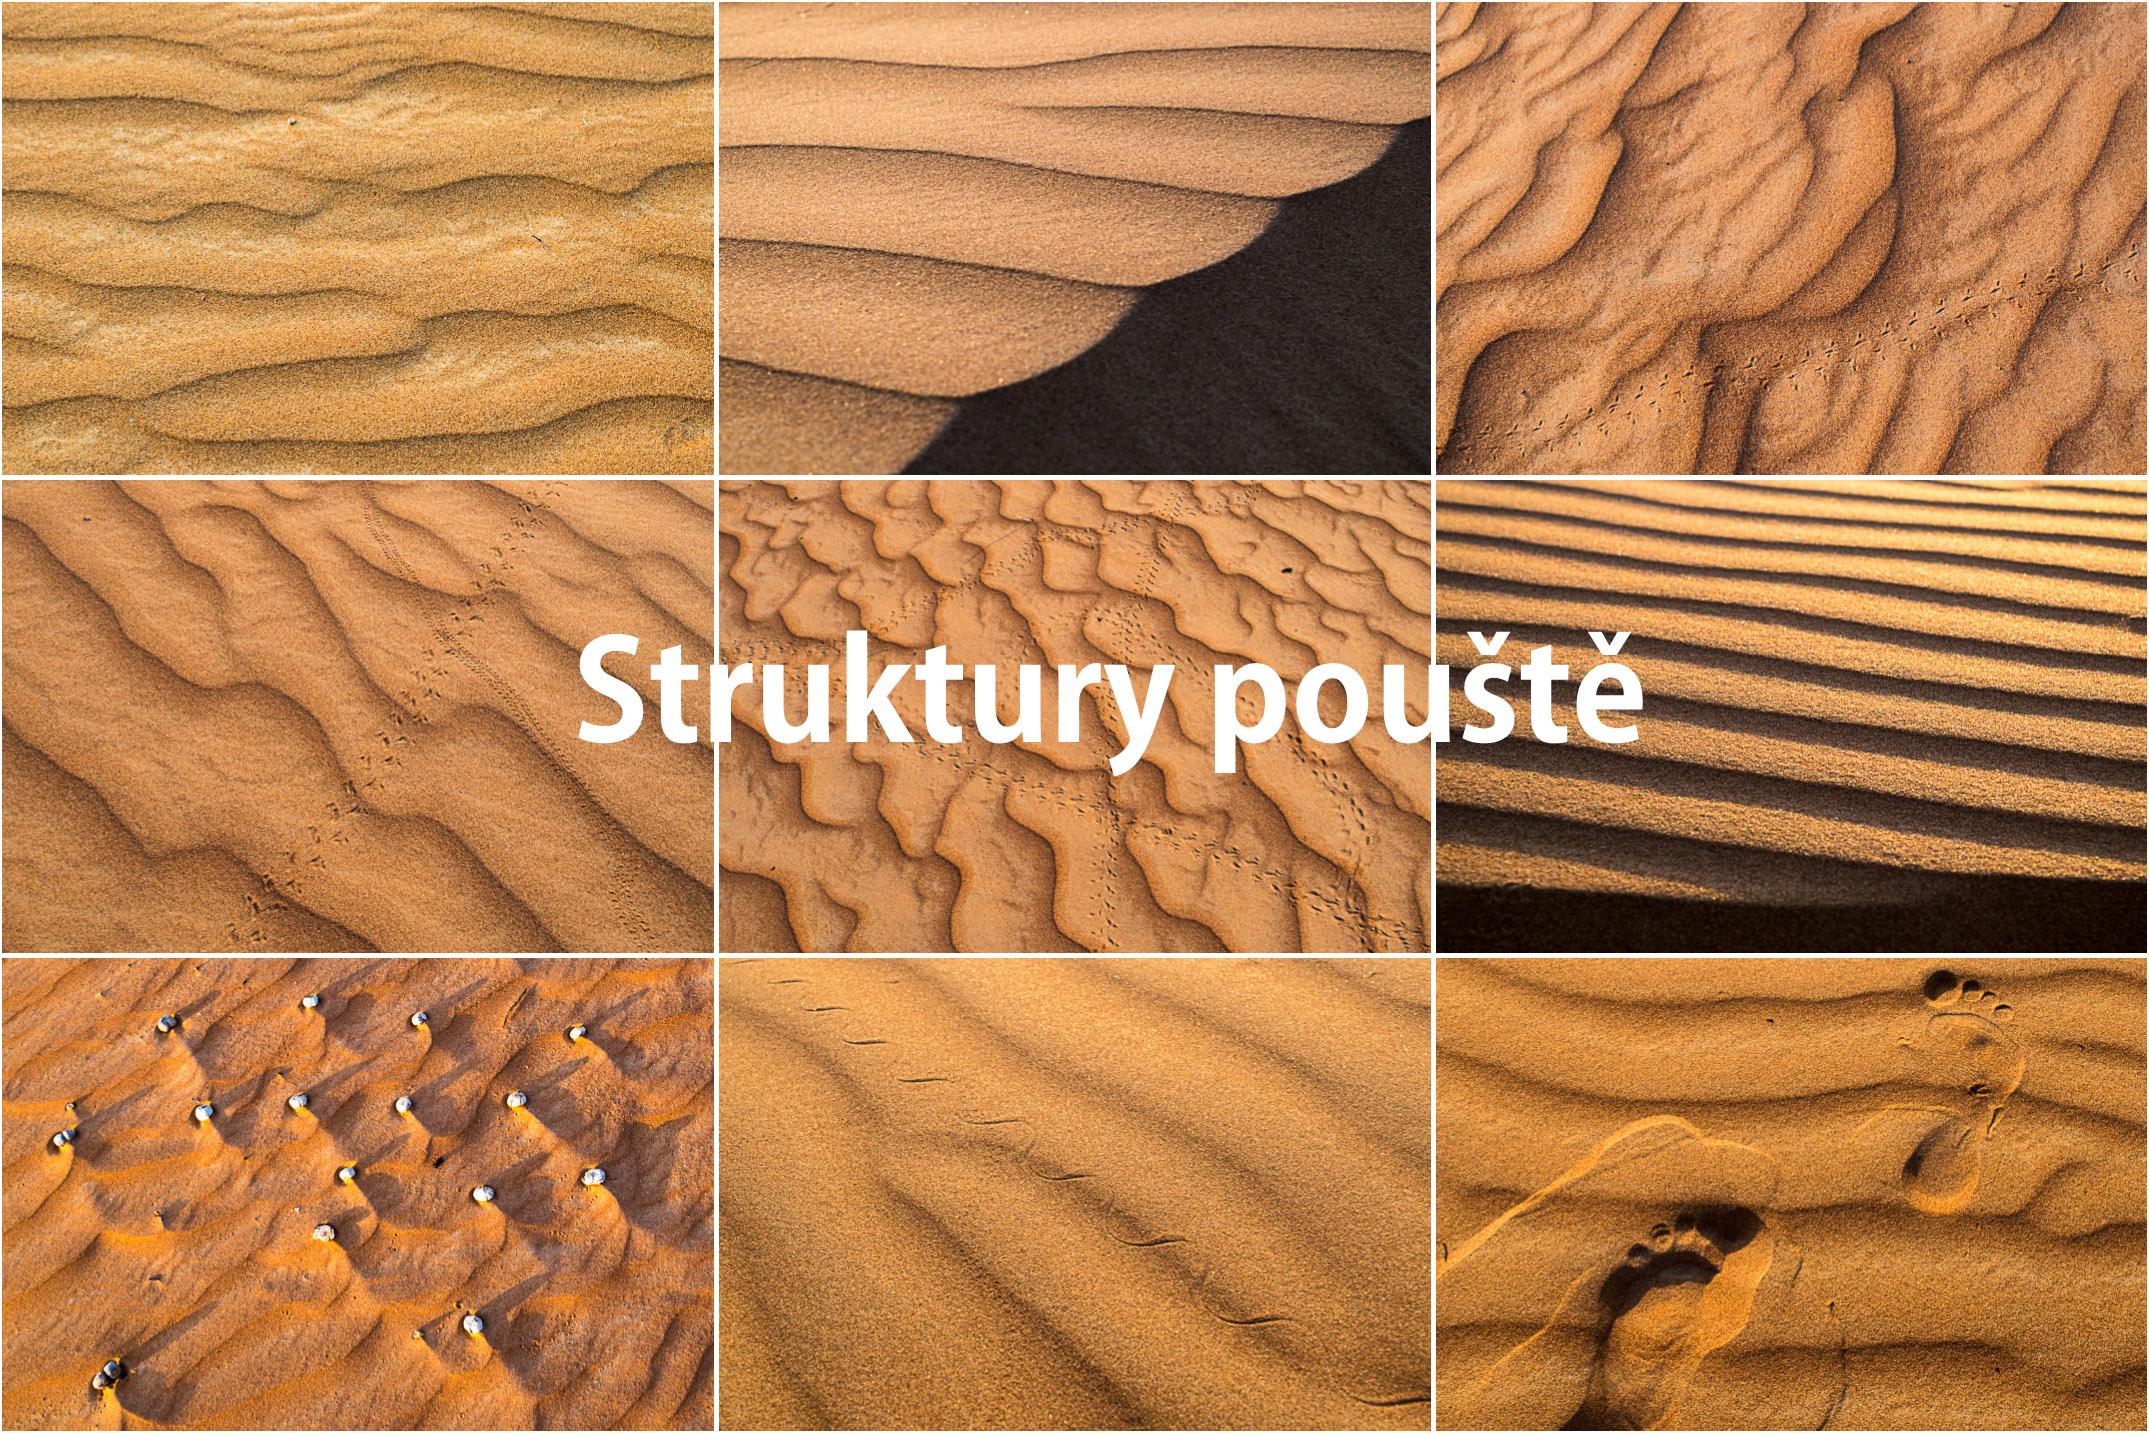 Fotografování v Ománu: struktury pouště